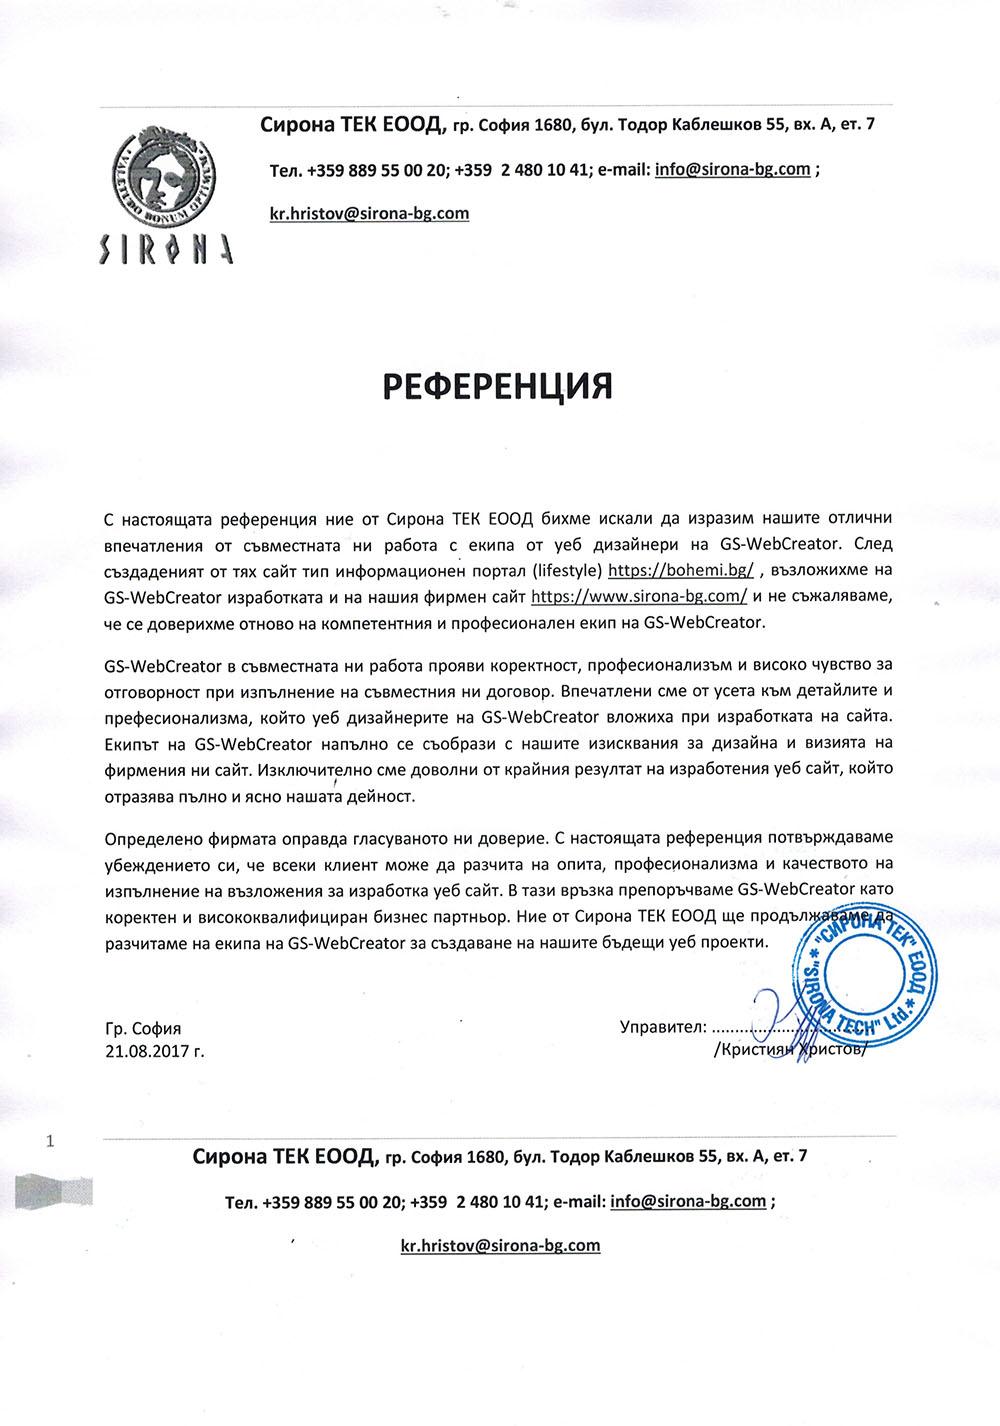 Референция за изработка на сайт на Сирона - Международно сдружение по балнеология и туризъм Сирона, издадена на GS-WebCreator